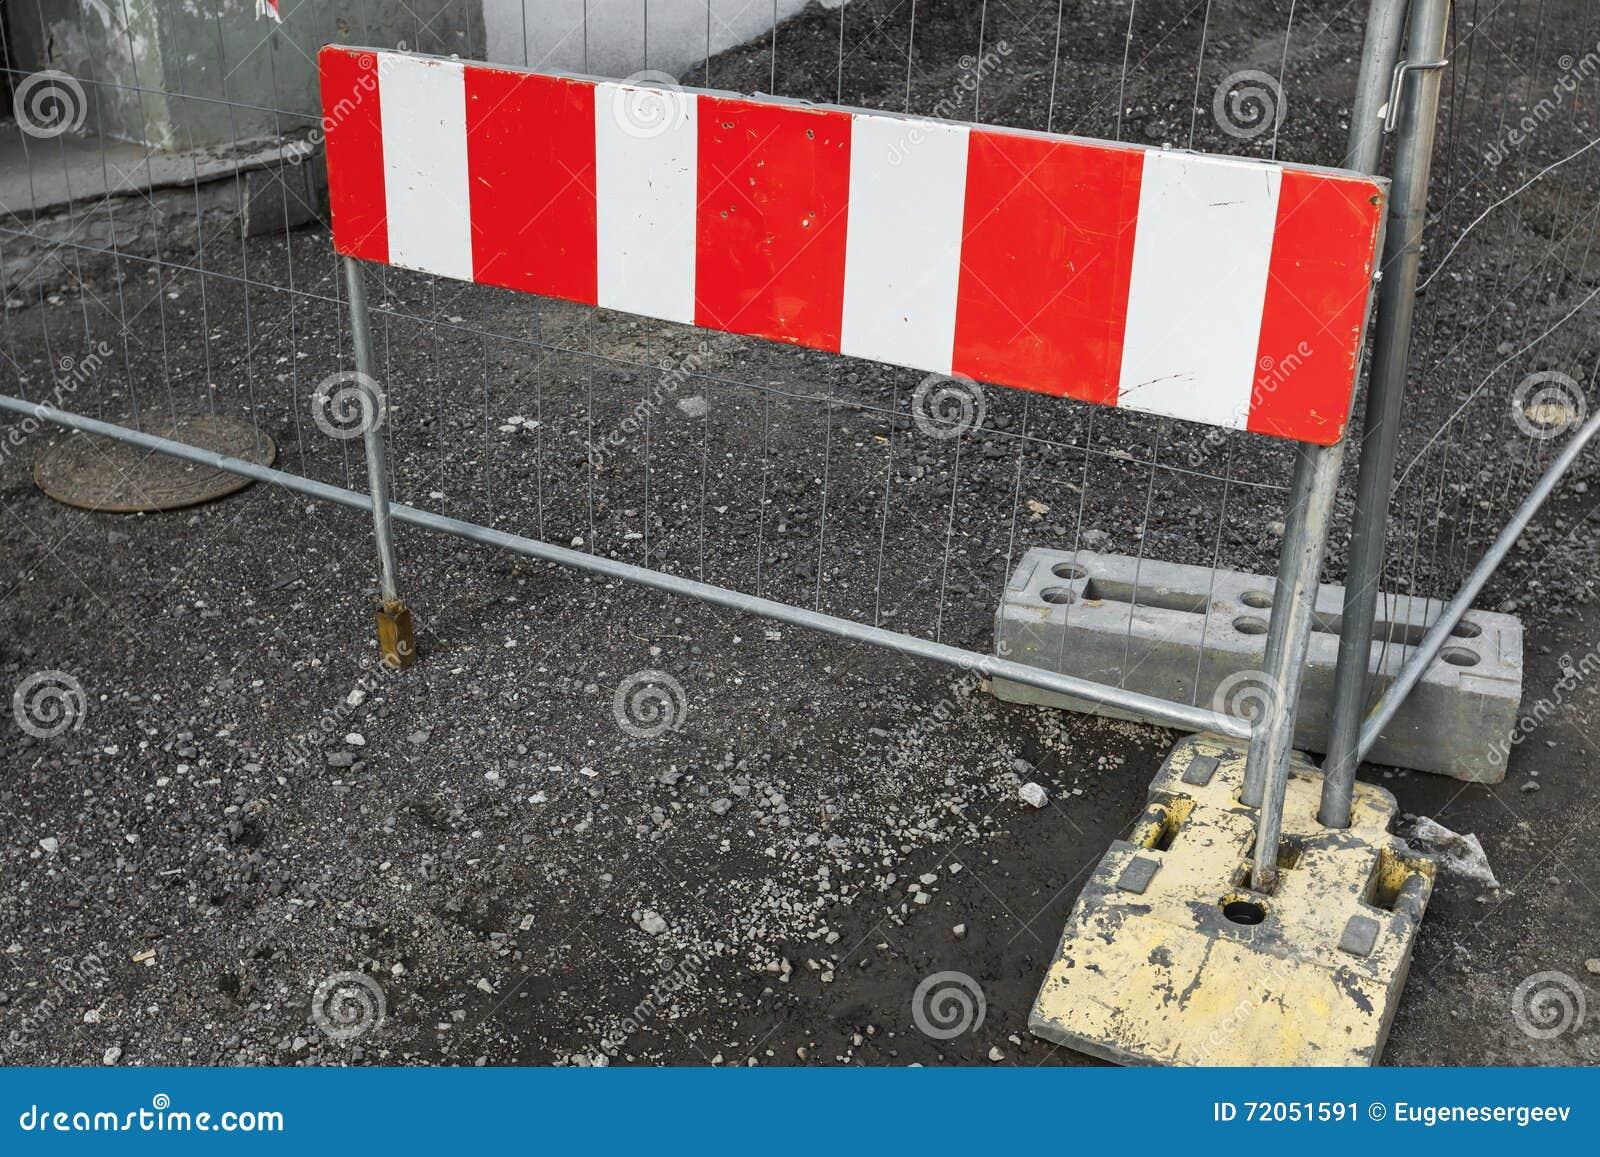 Gestreifte rote und weiße Straßensperre